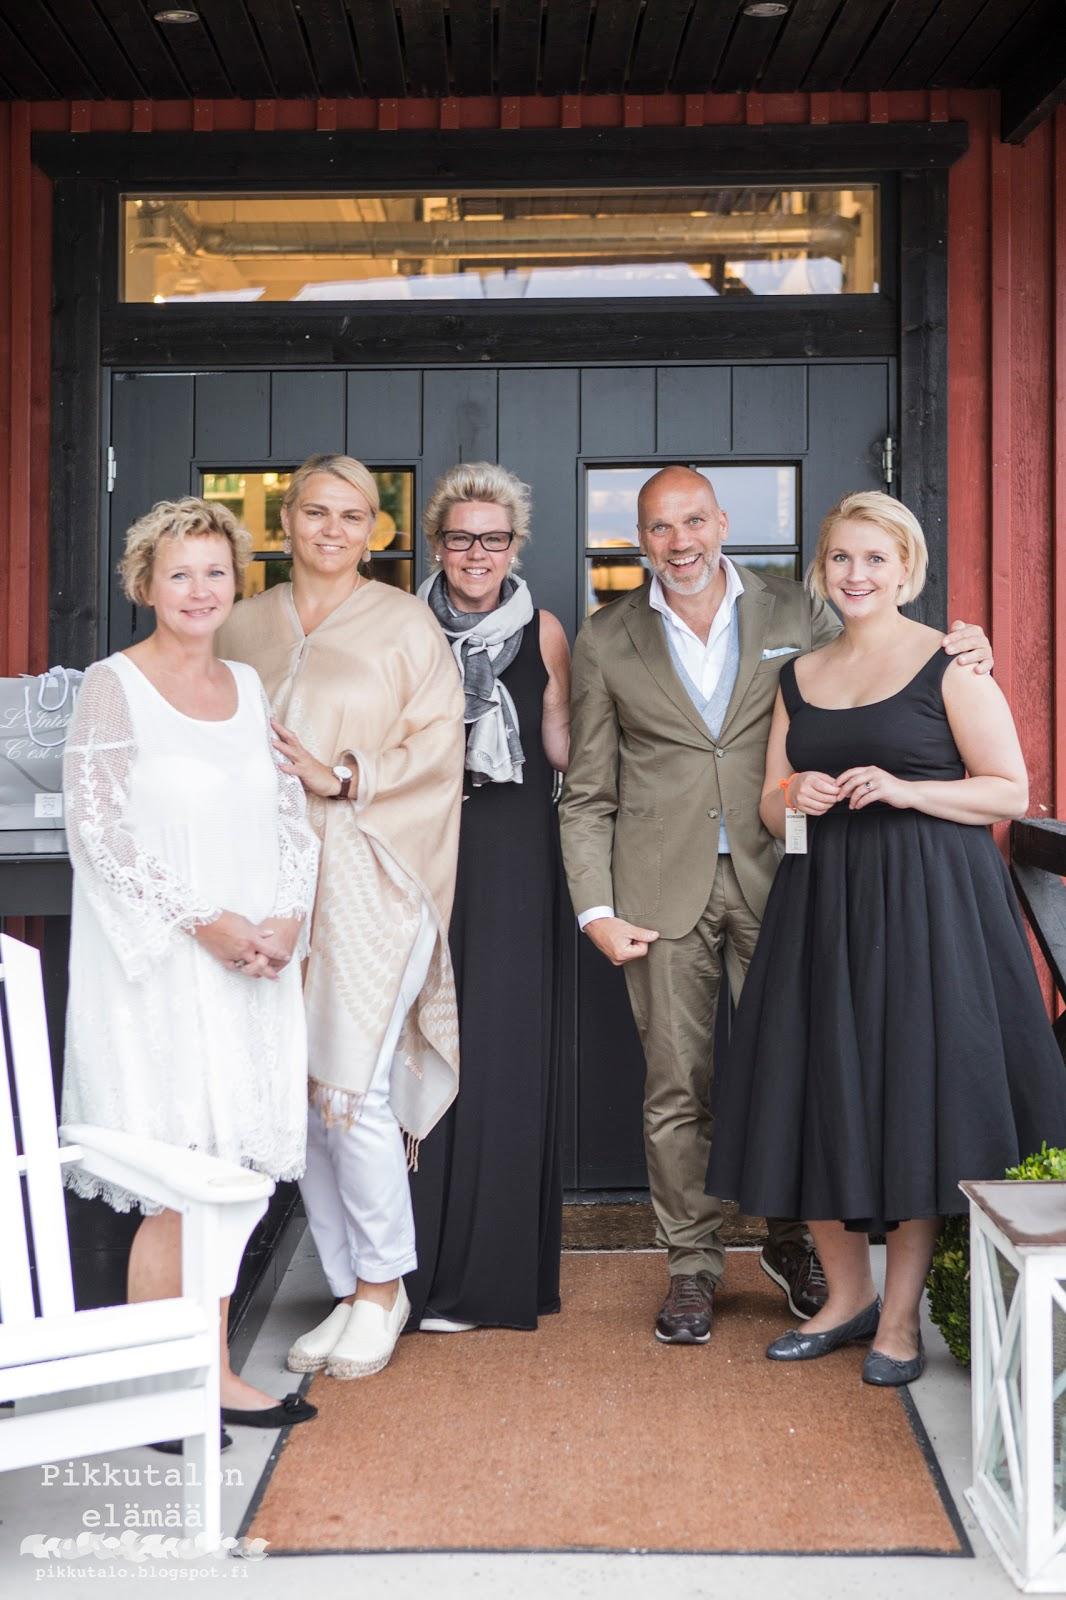 Riviera Maison store Loviisan Aitta Rusko Finland